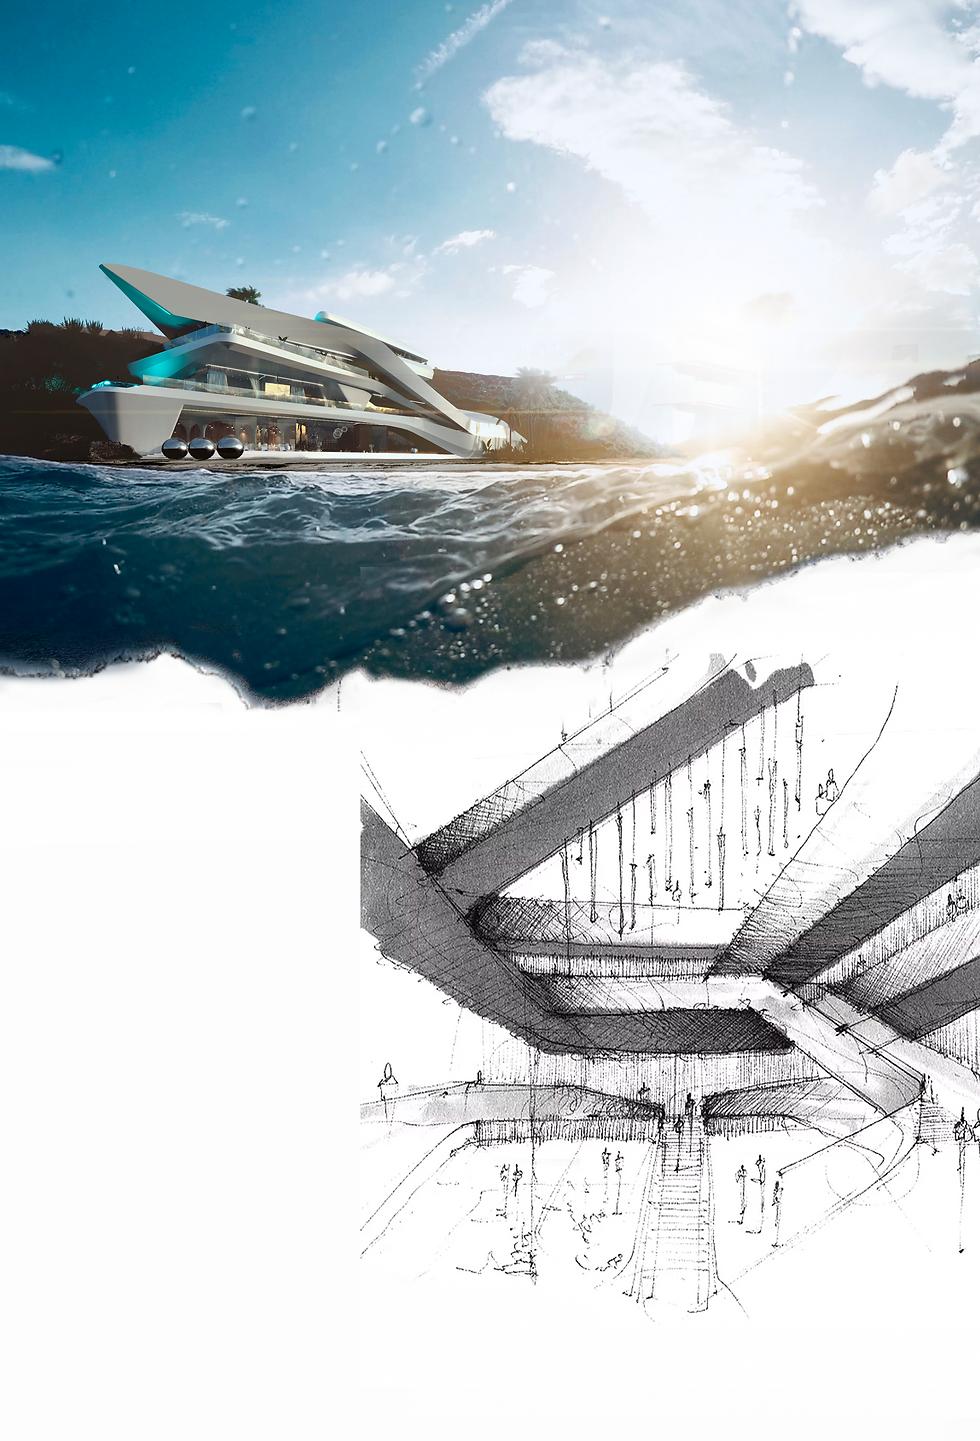 Creato_Arquitectos_Cosme_Villa_13.10.20_001 3.png